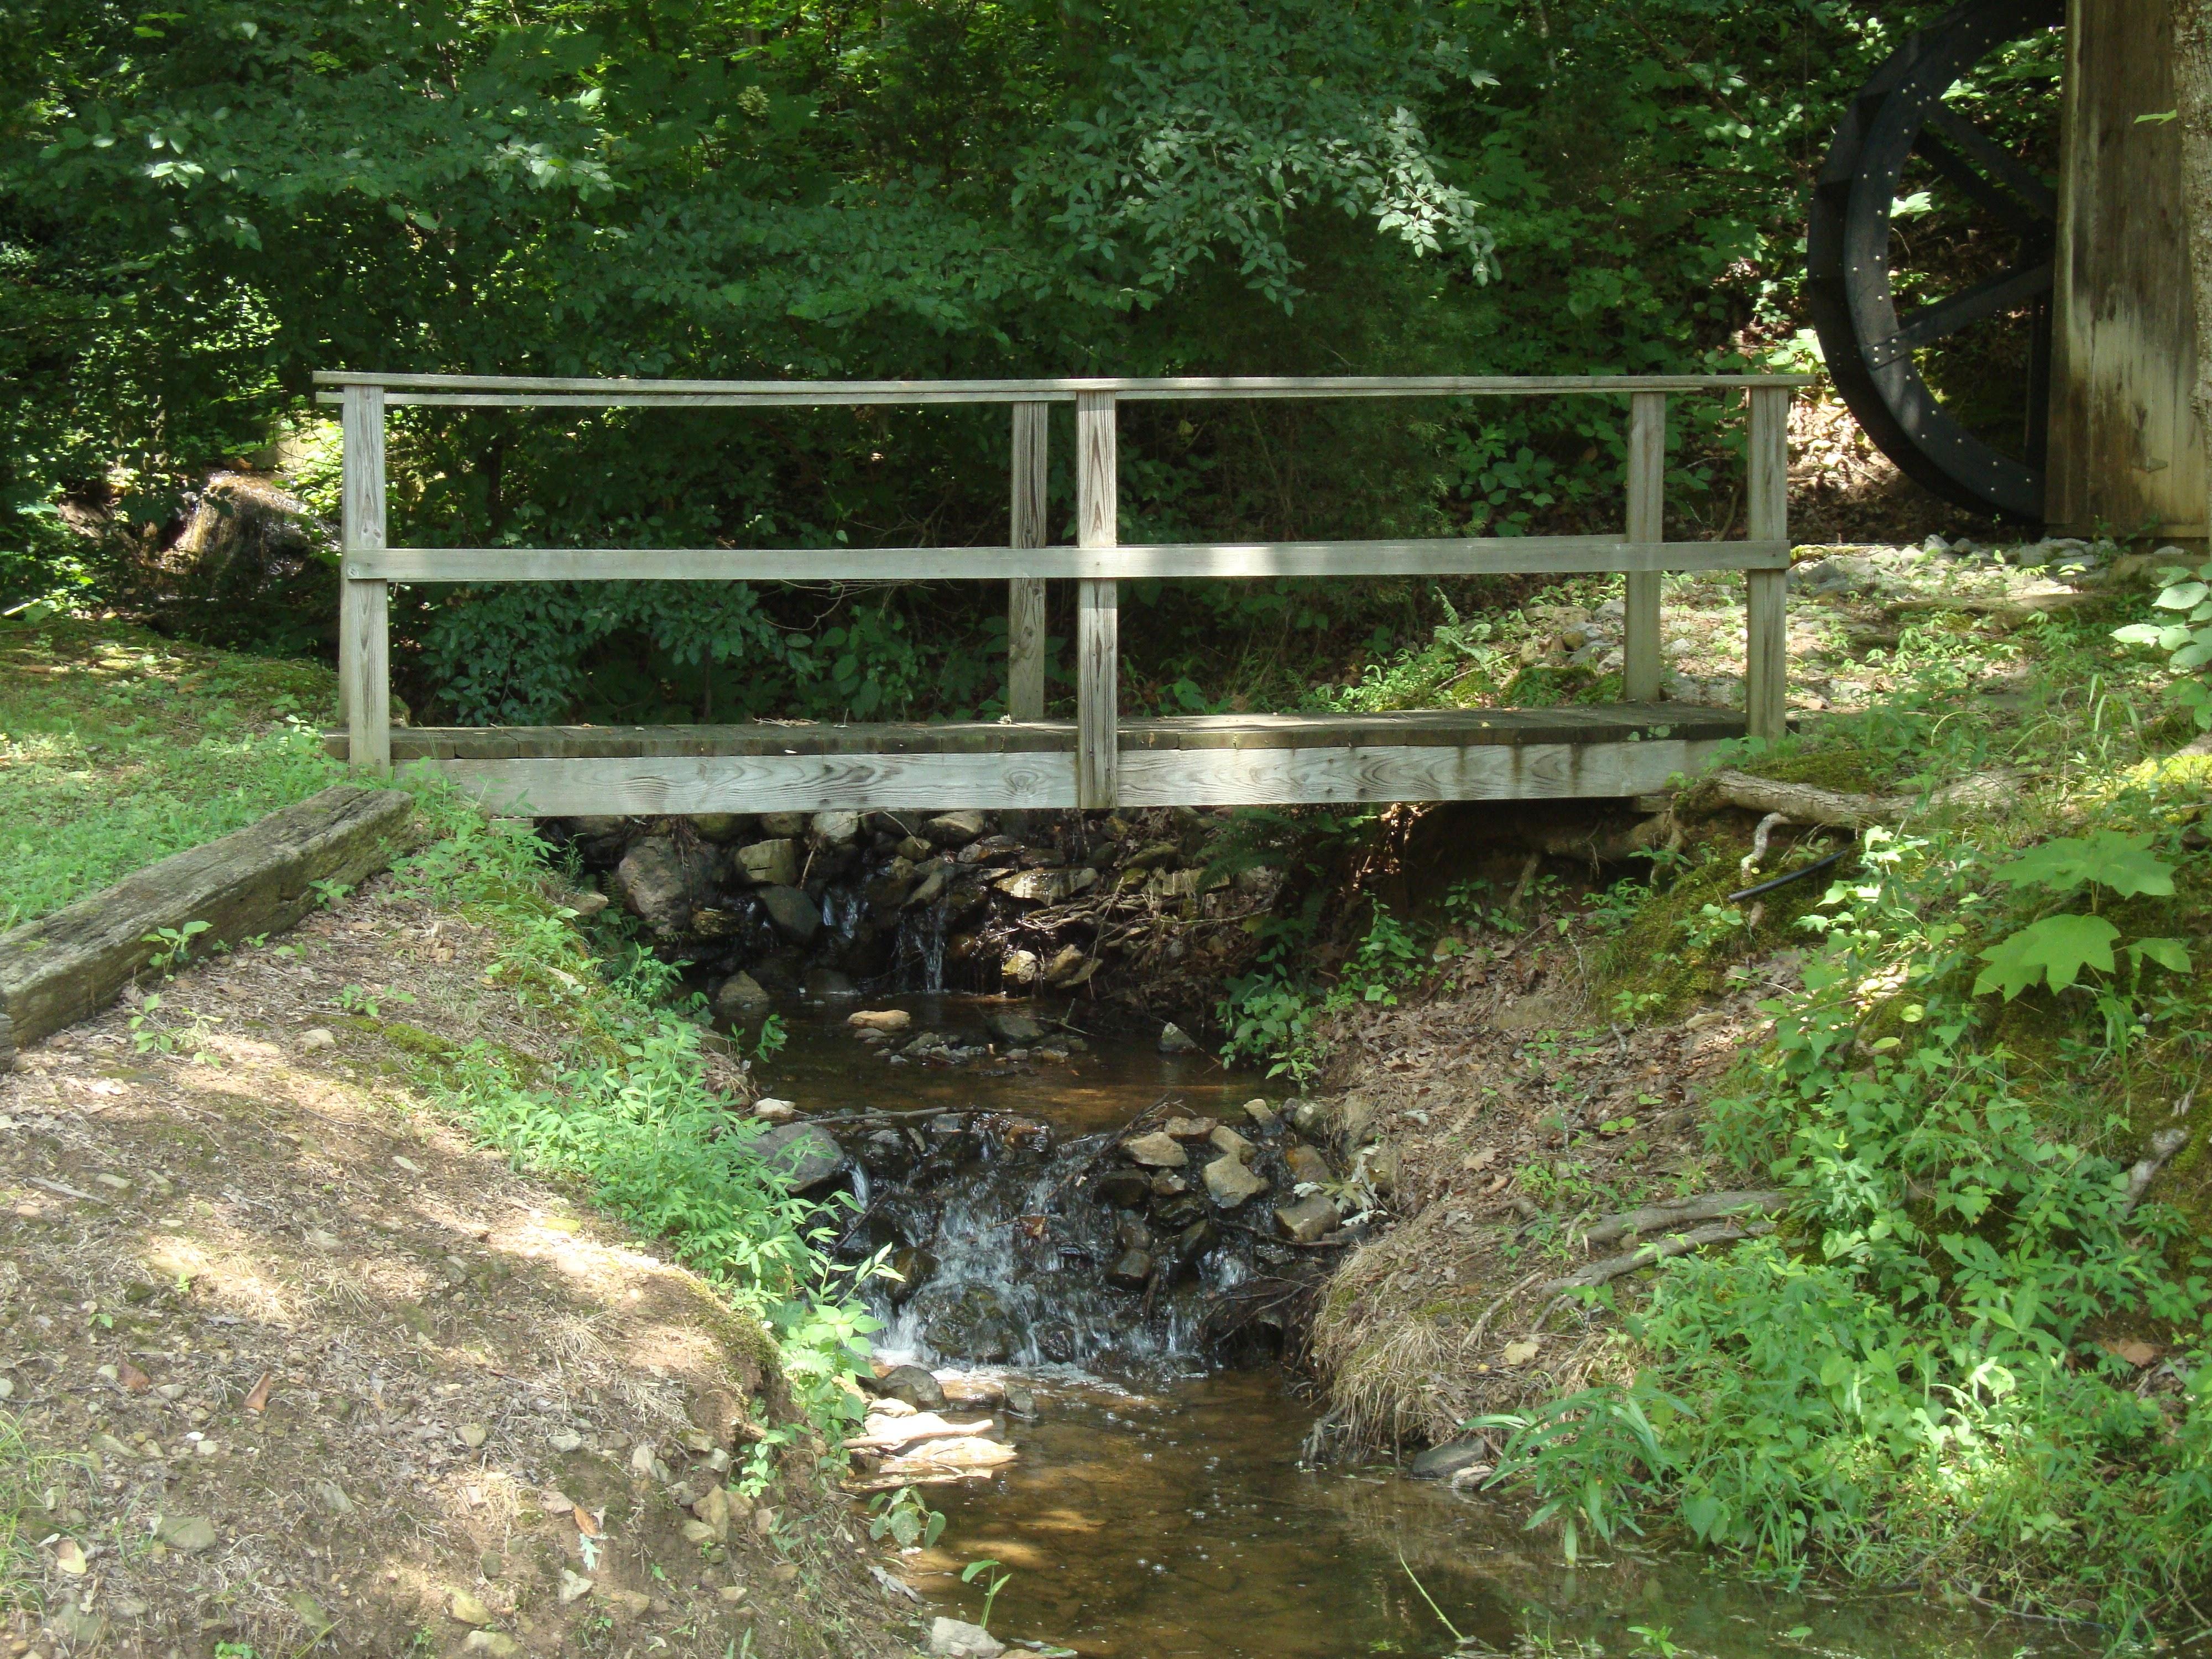 bridge-over-creek_al